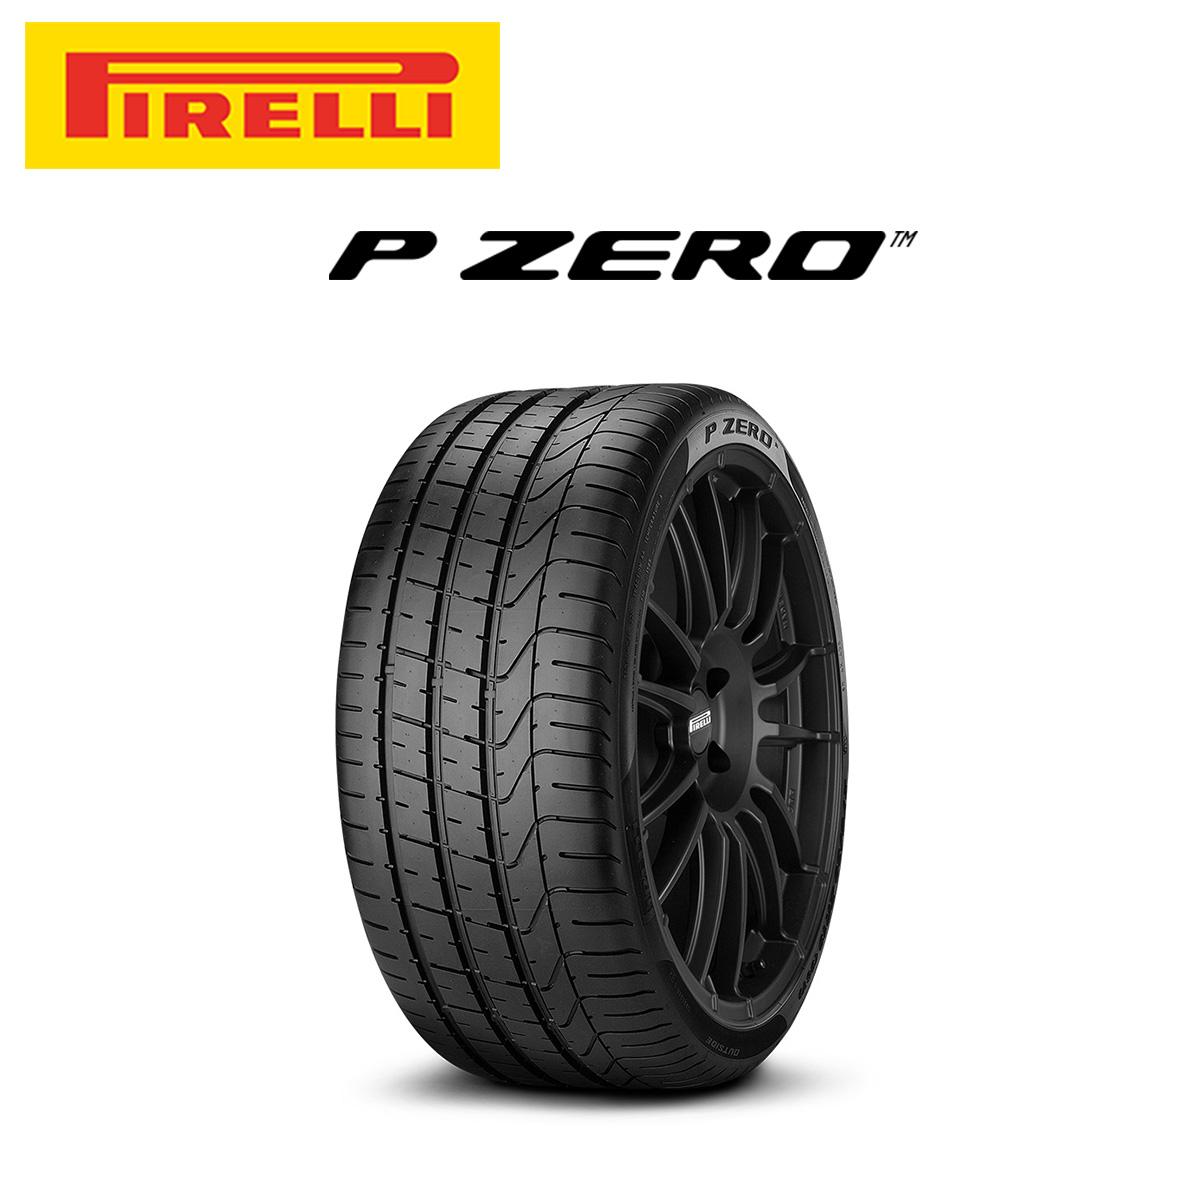 春のコレクション ピレリ PIRELLI P ZERO ピーゼロ 20インチ サマー タイヤ 4本 セット 235/45R20 100W XL MO:メルセデスベンツ承認タイヤ 1767300, エサシチョウ a1381406